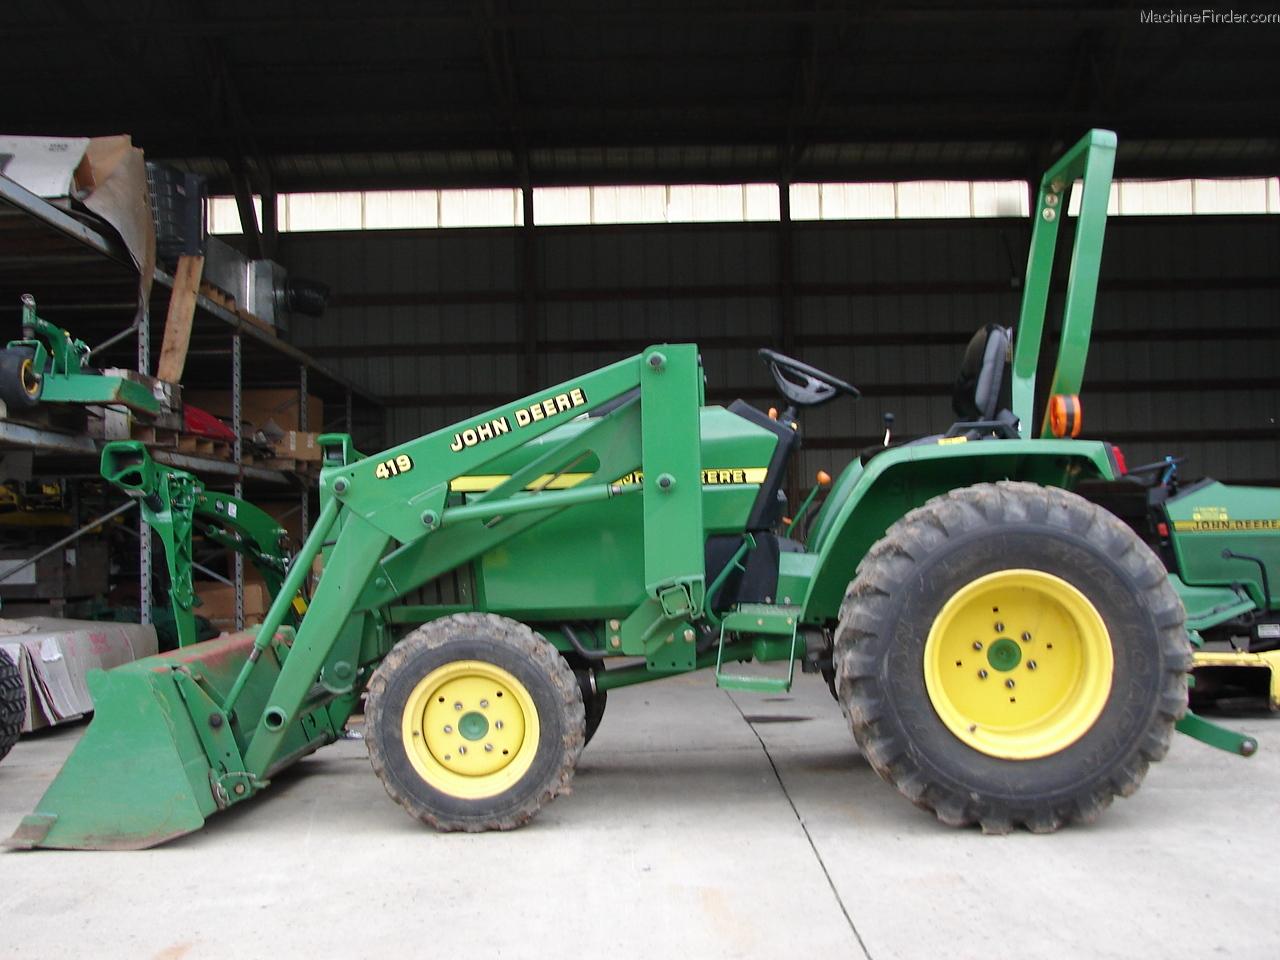 2004 John Deere 790 Tractors - Compact (1-40hp.) - John Deere ...